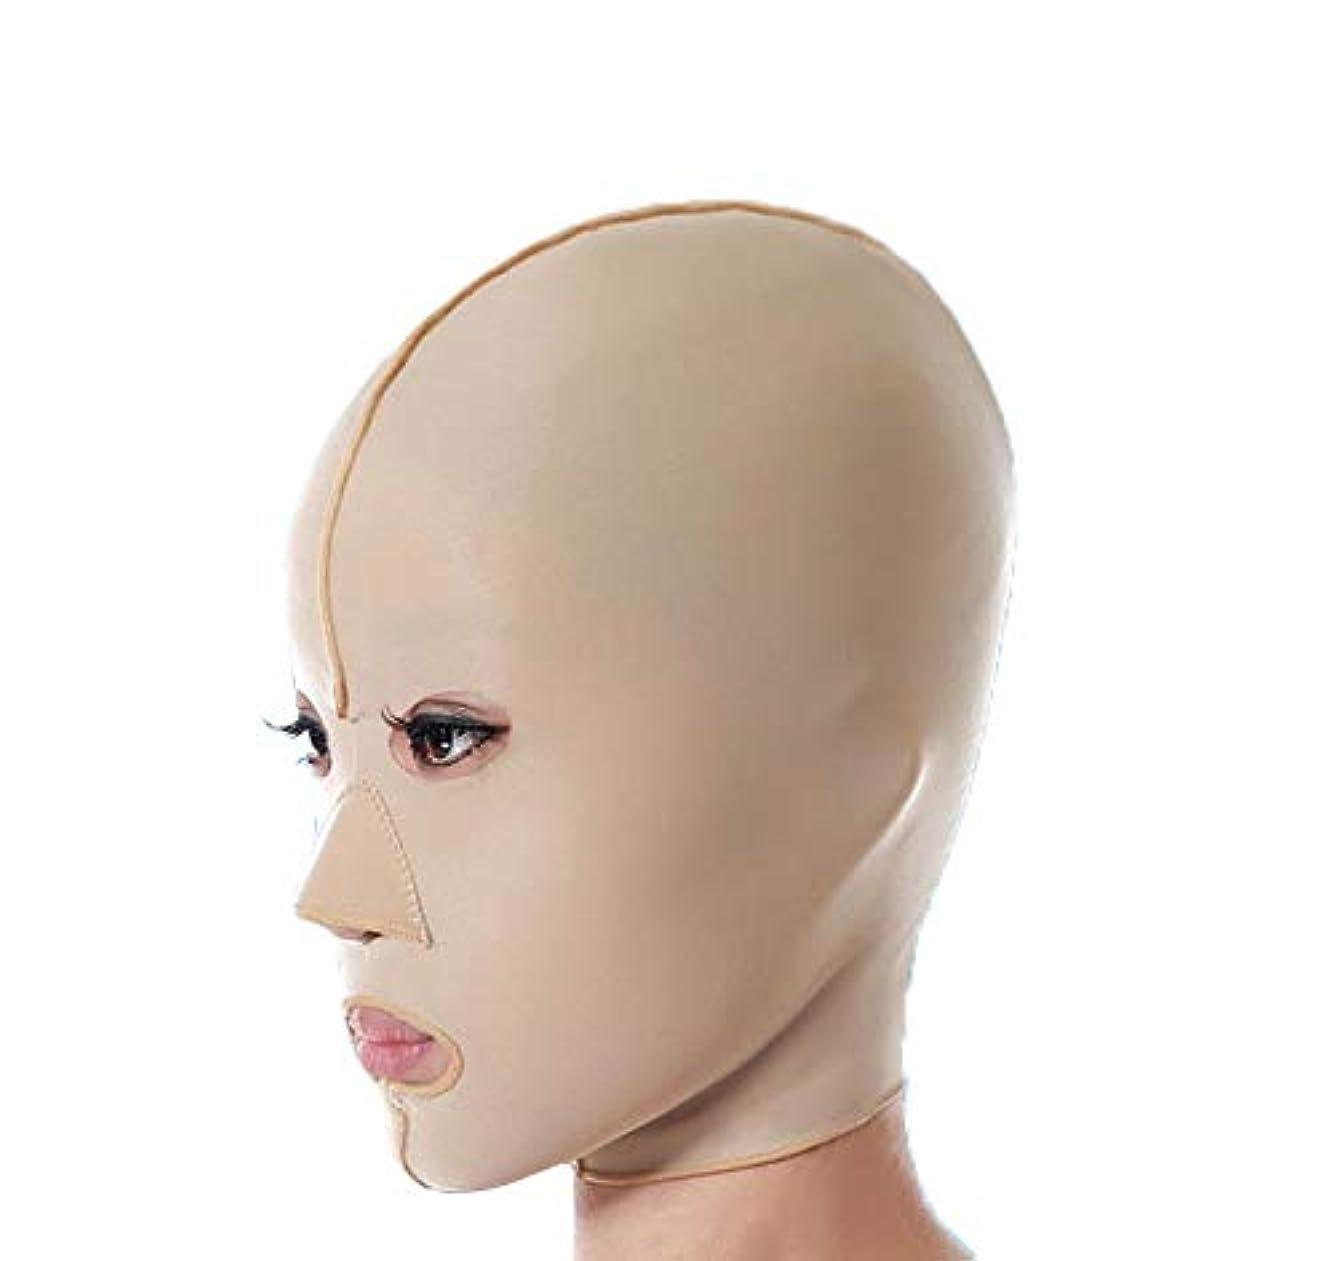 崩壊バドミントン裏切るXHLMRMJ 引き締めフェイスマスク、フェイシャルマスク薬強力なフェイスマスクアーティファクト美容垂れ防止法パターンフェイシャルリフティング引き締めフルフェイスマスク (Size : L)